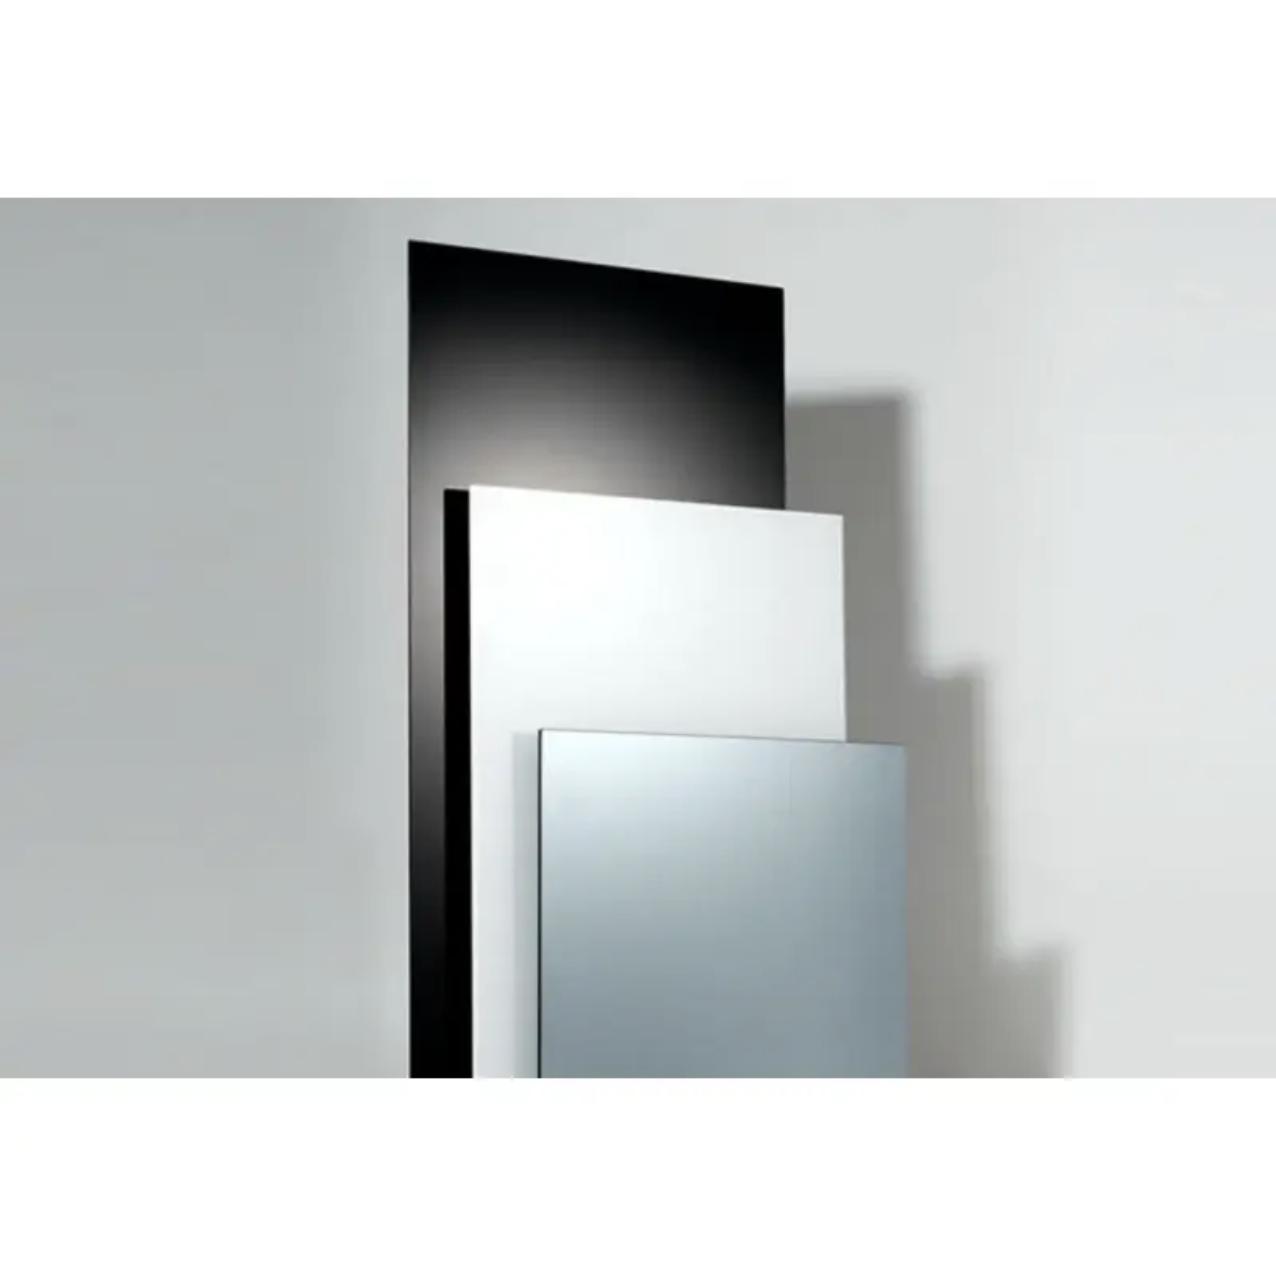 Pannello radiante in vetro VCIR-60-60-400-G